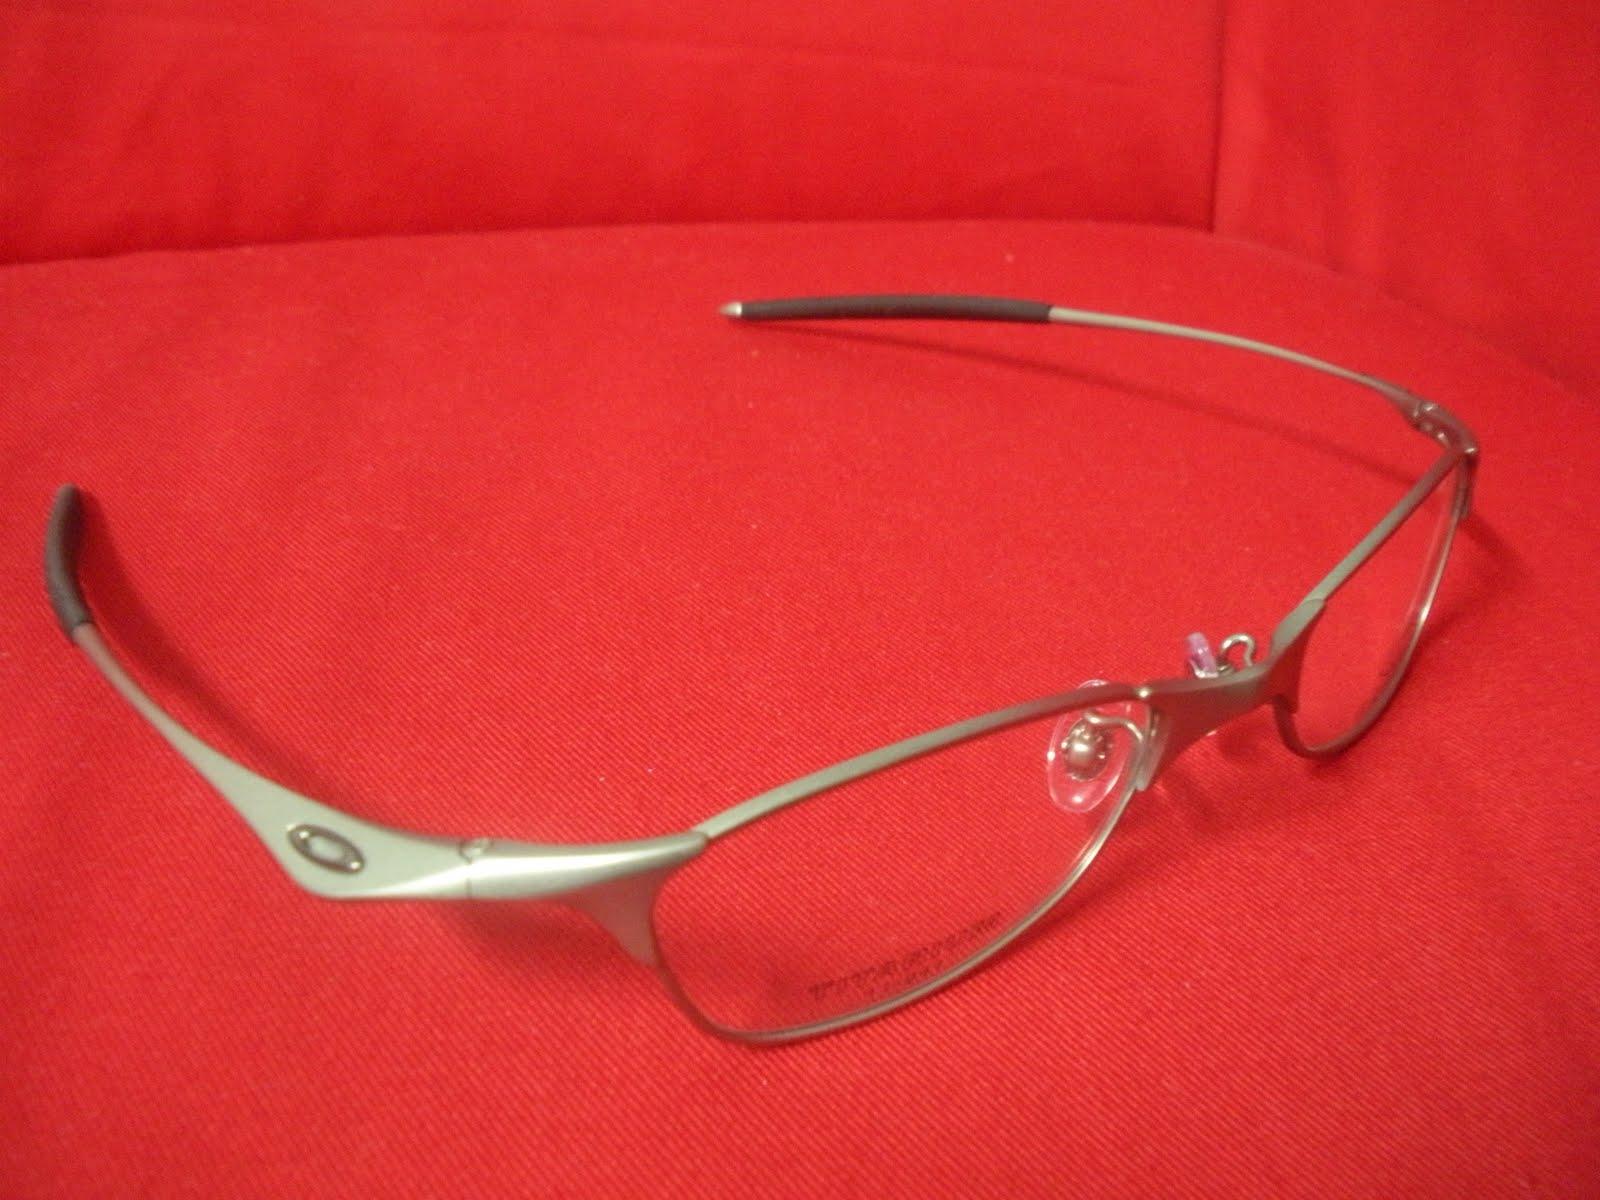 Heyyo-Shoppe: OAKLEY Eyeglasses